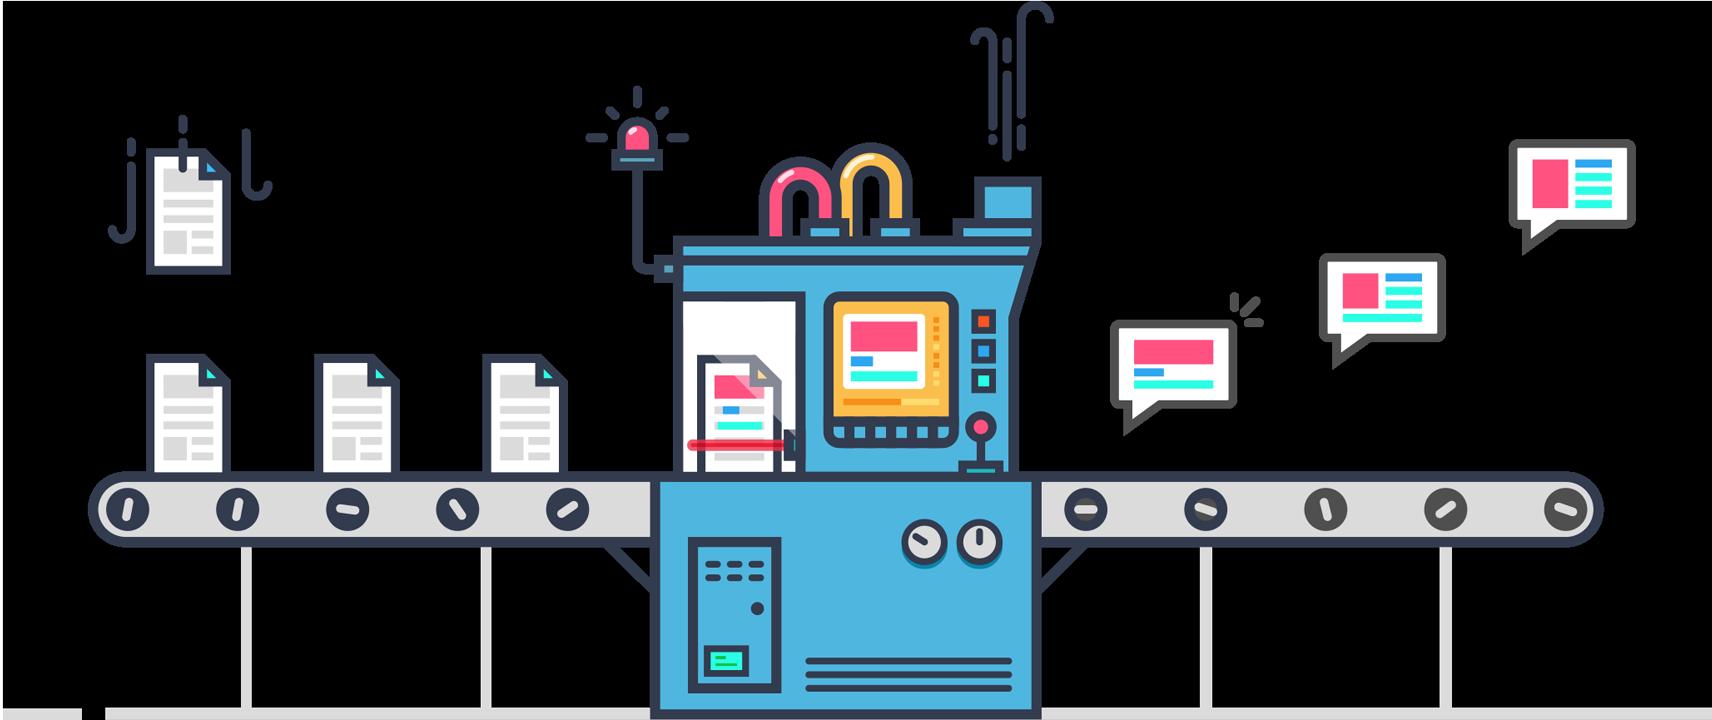 tools for content creators - missinglettr